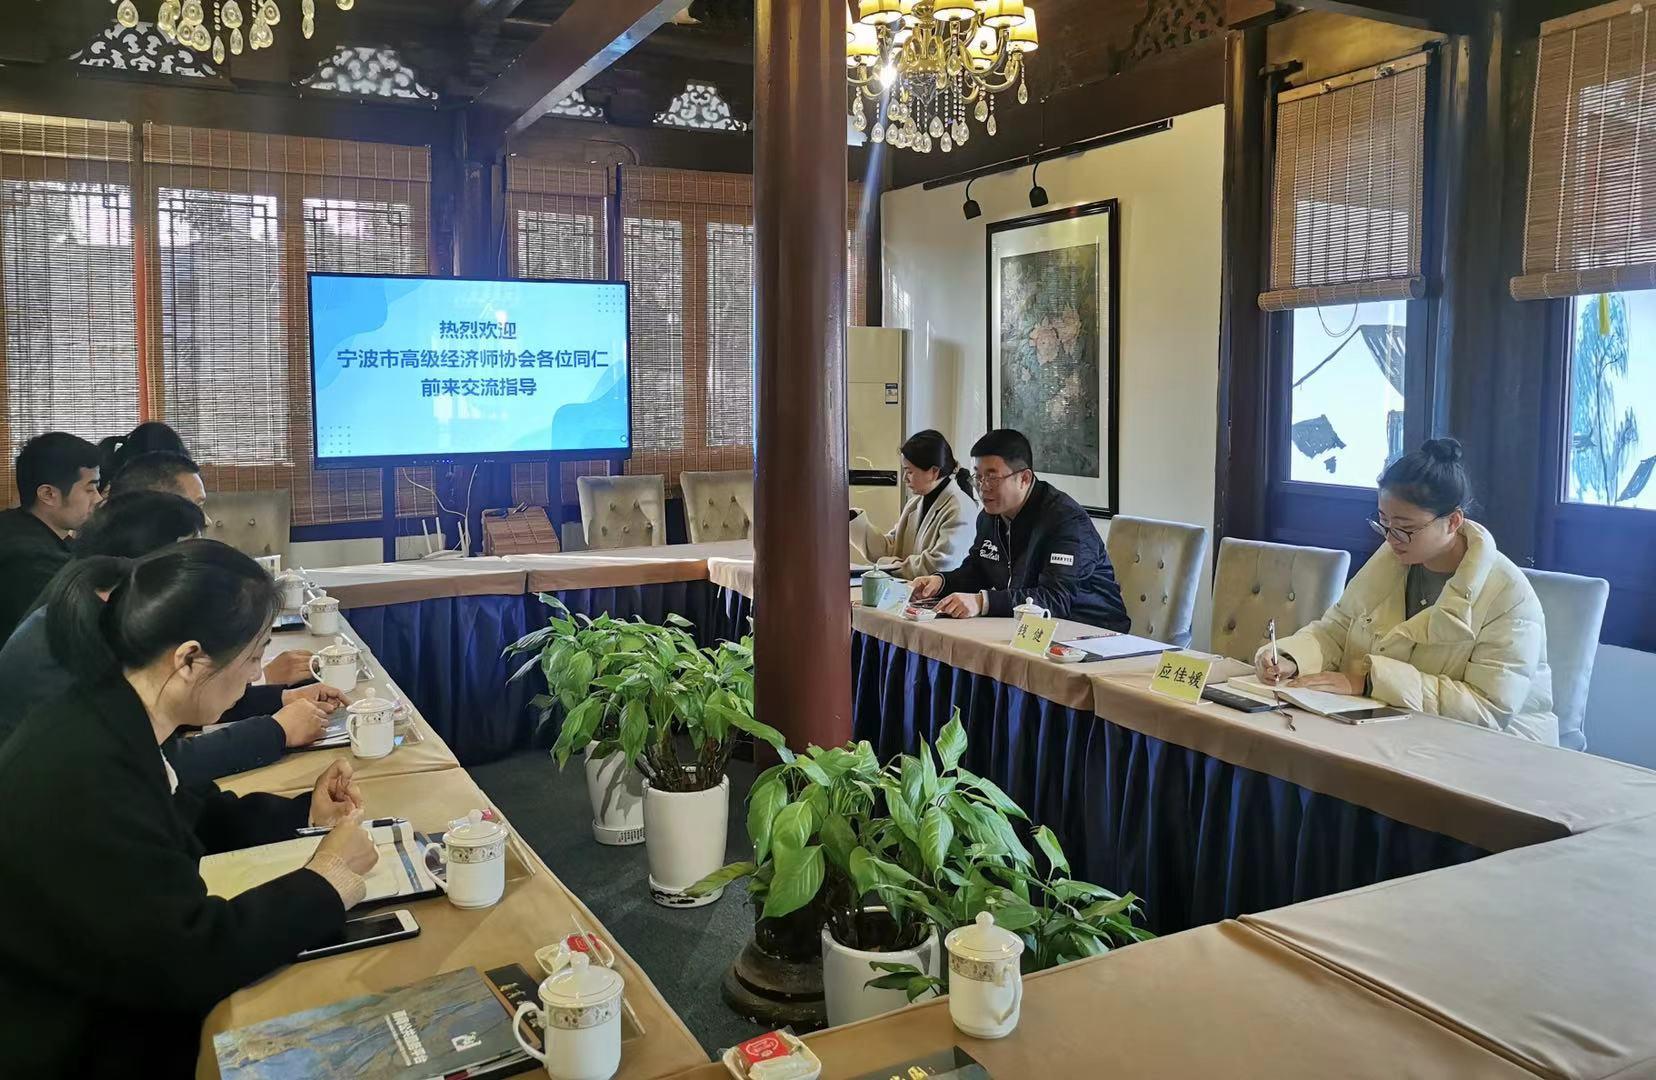 同进步谋发展—宁波市高级经济师协会赴甬商公共服务平台交流学习